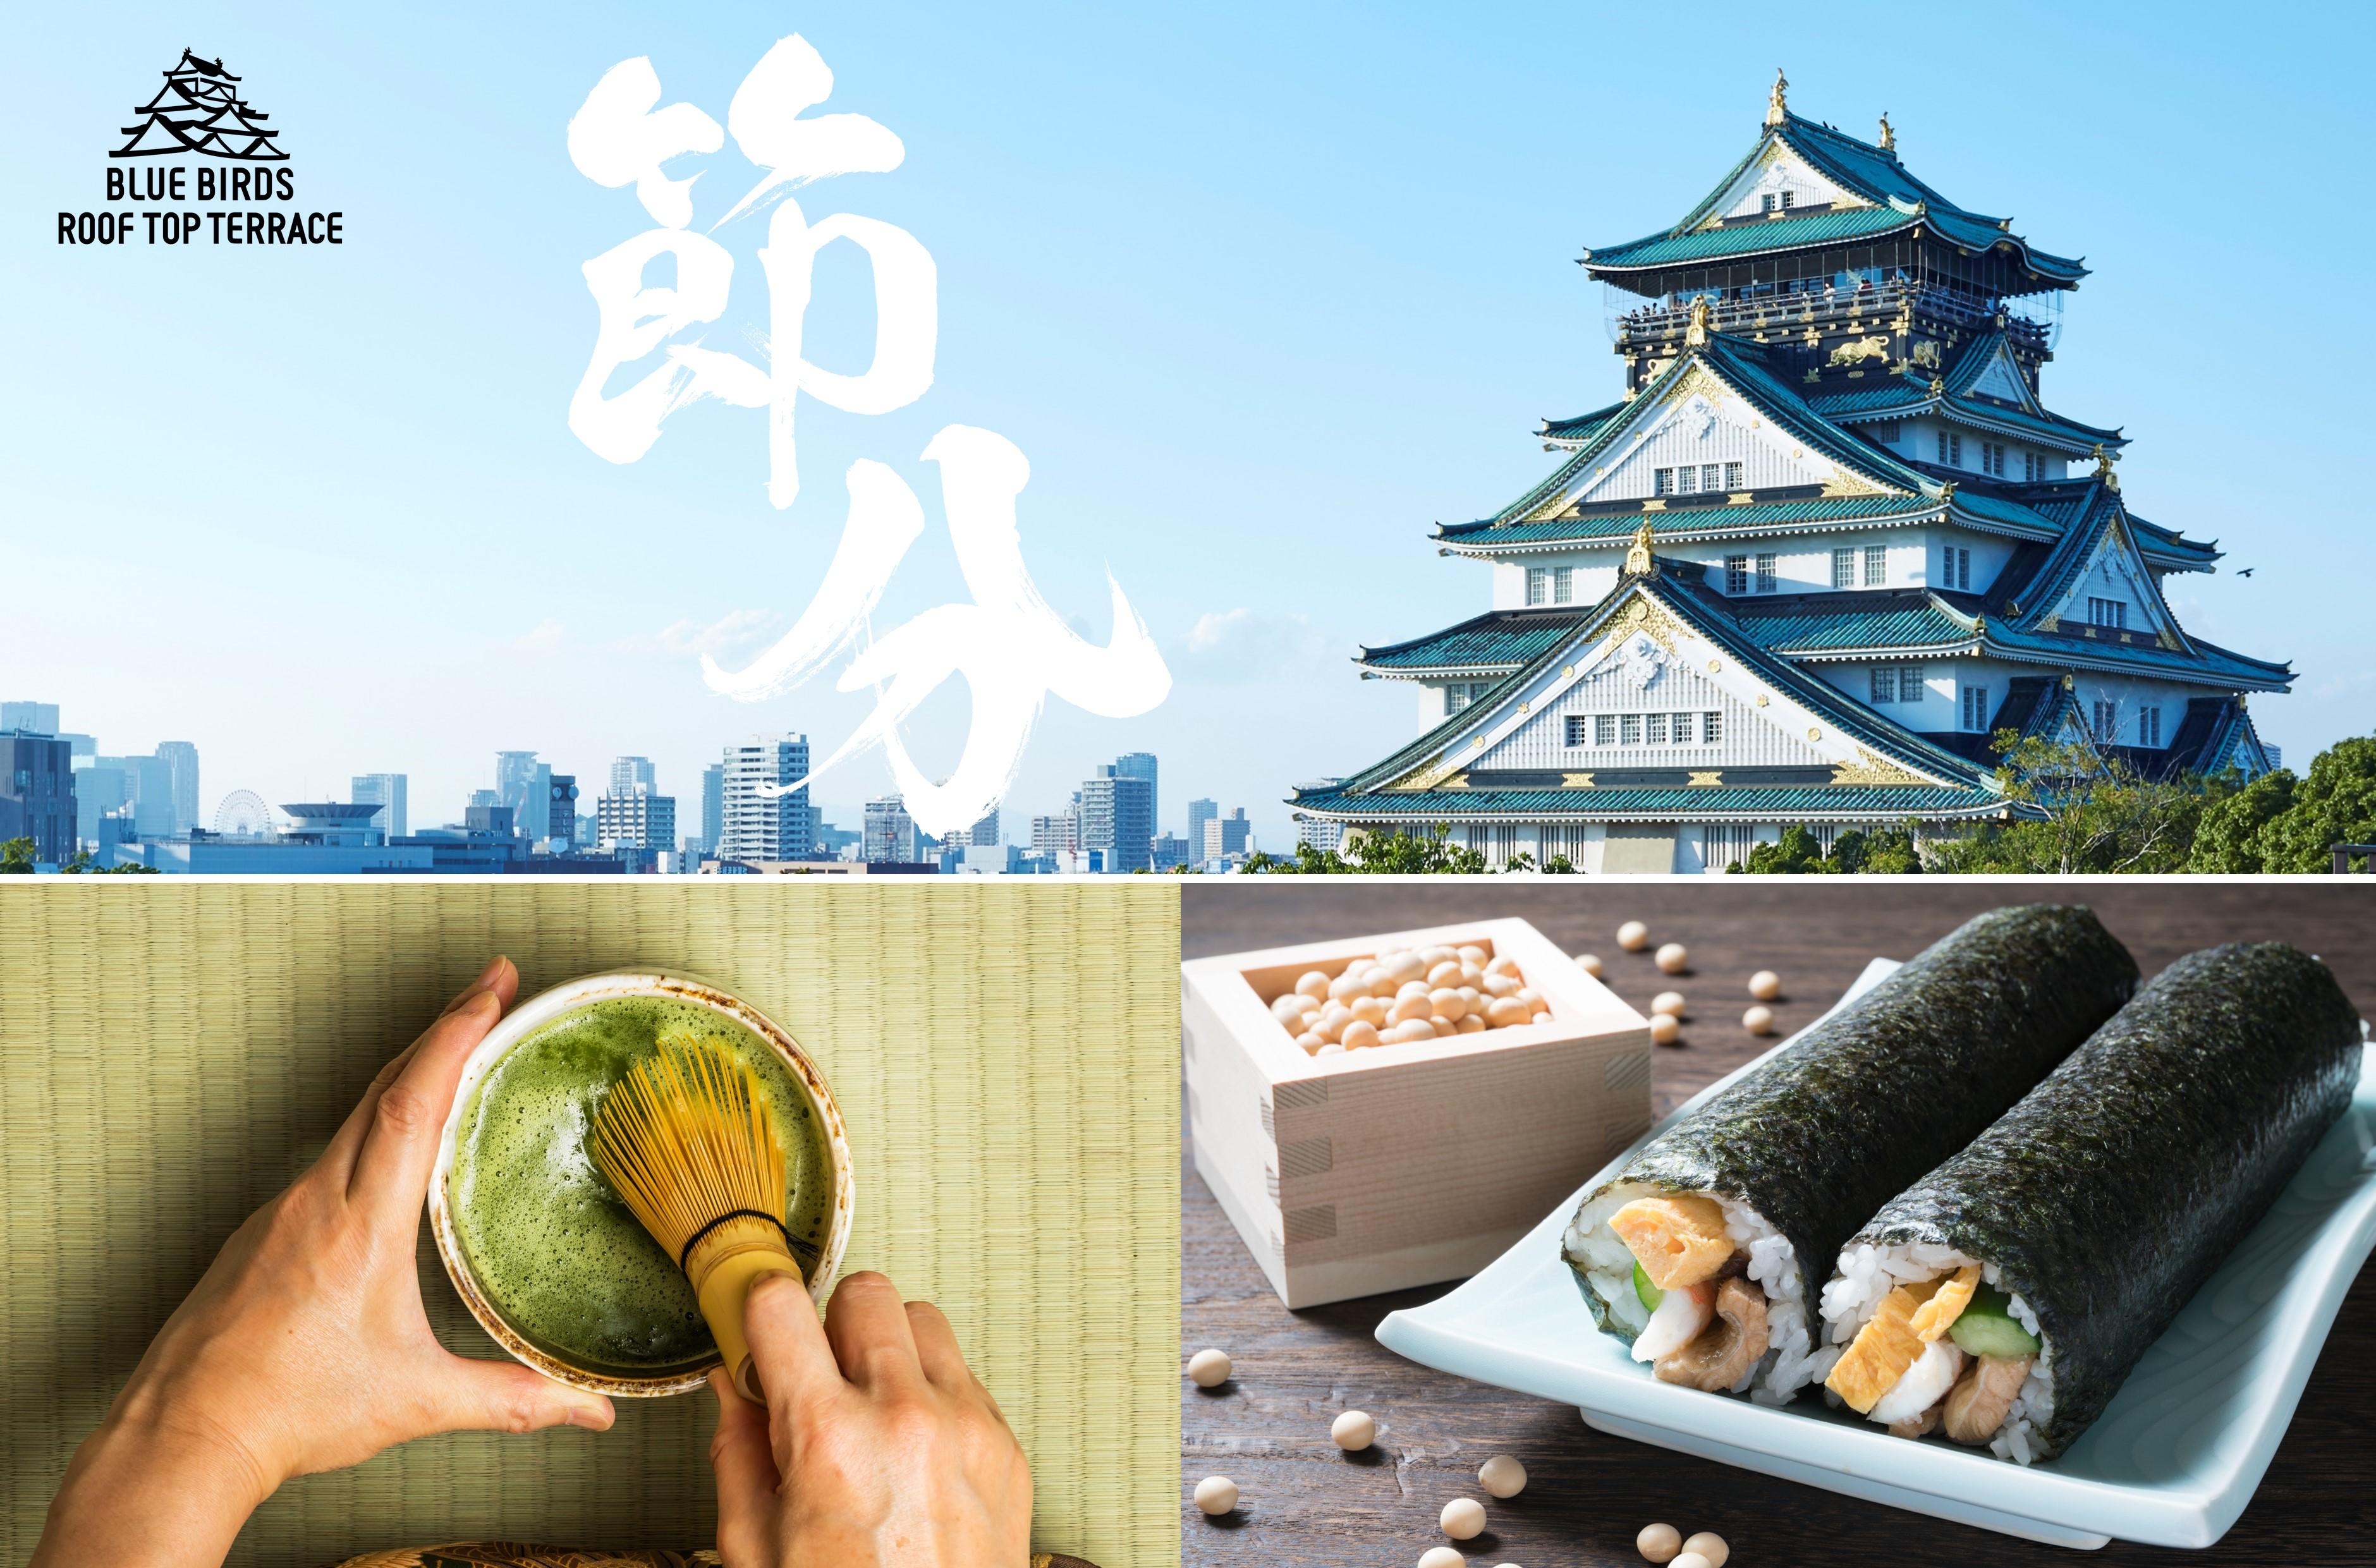 充分享受在大阪城下的日本傳統文化  立春節慶祝活動